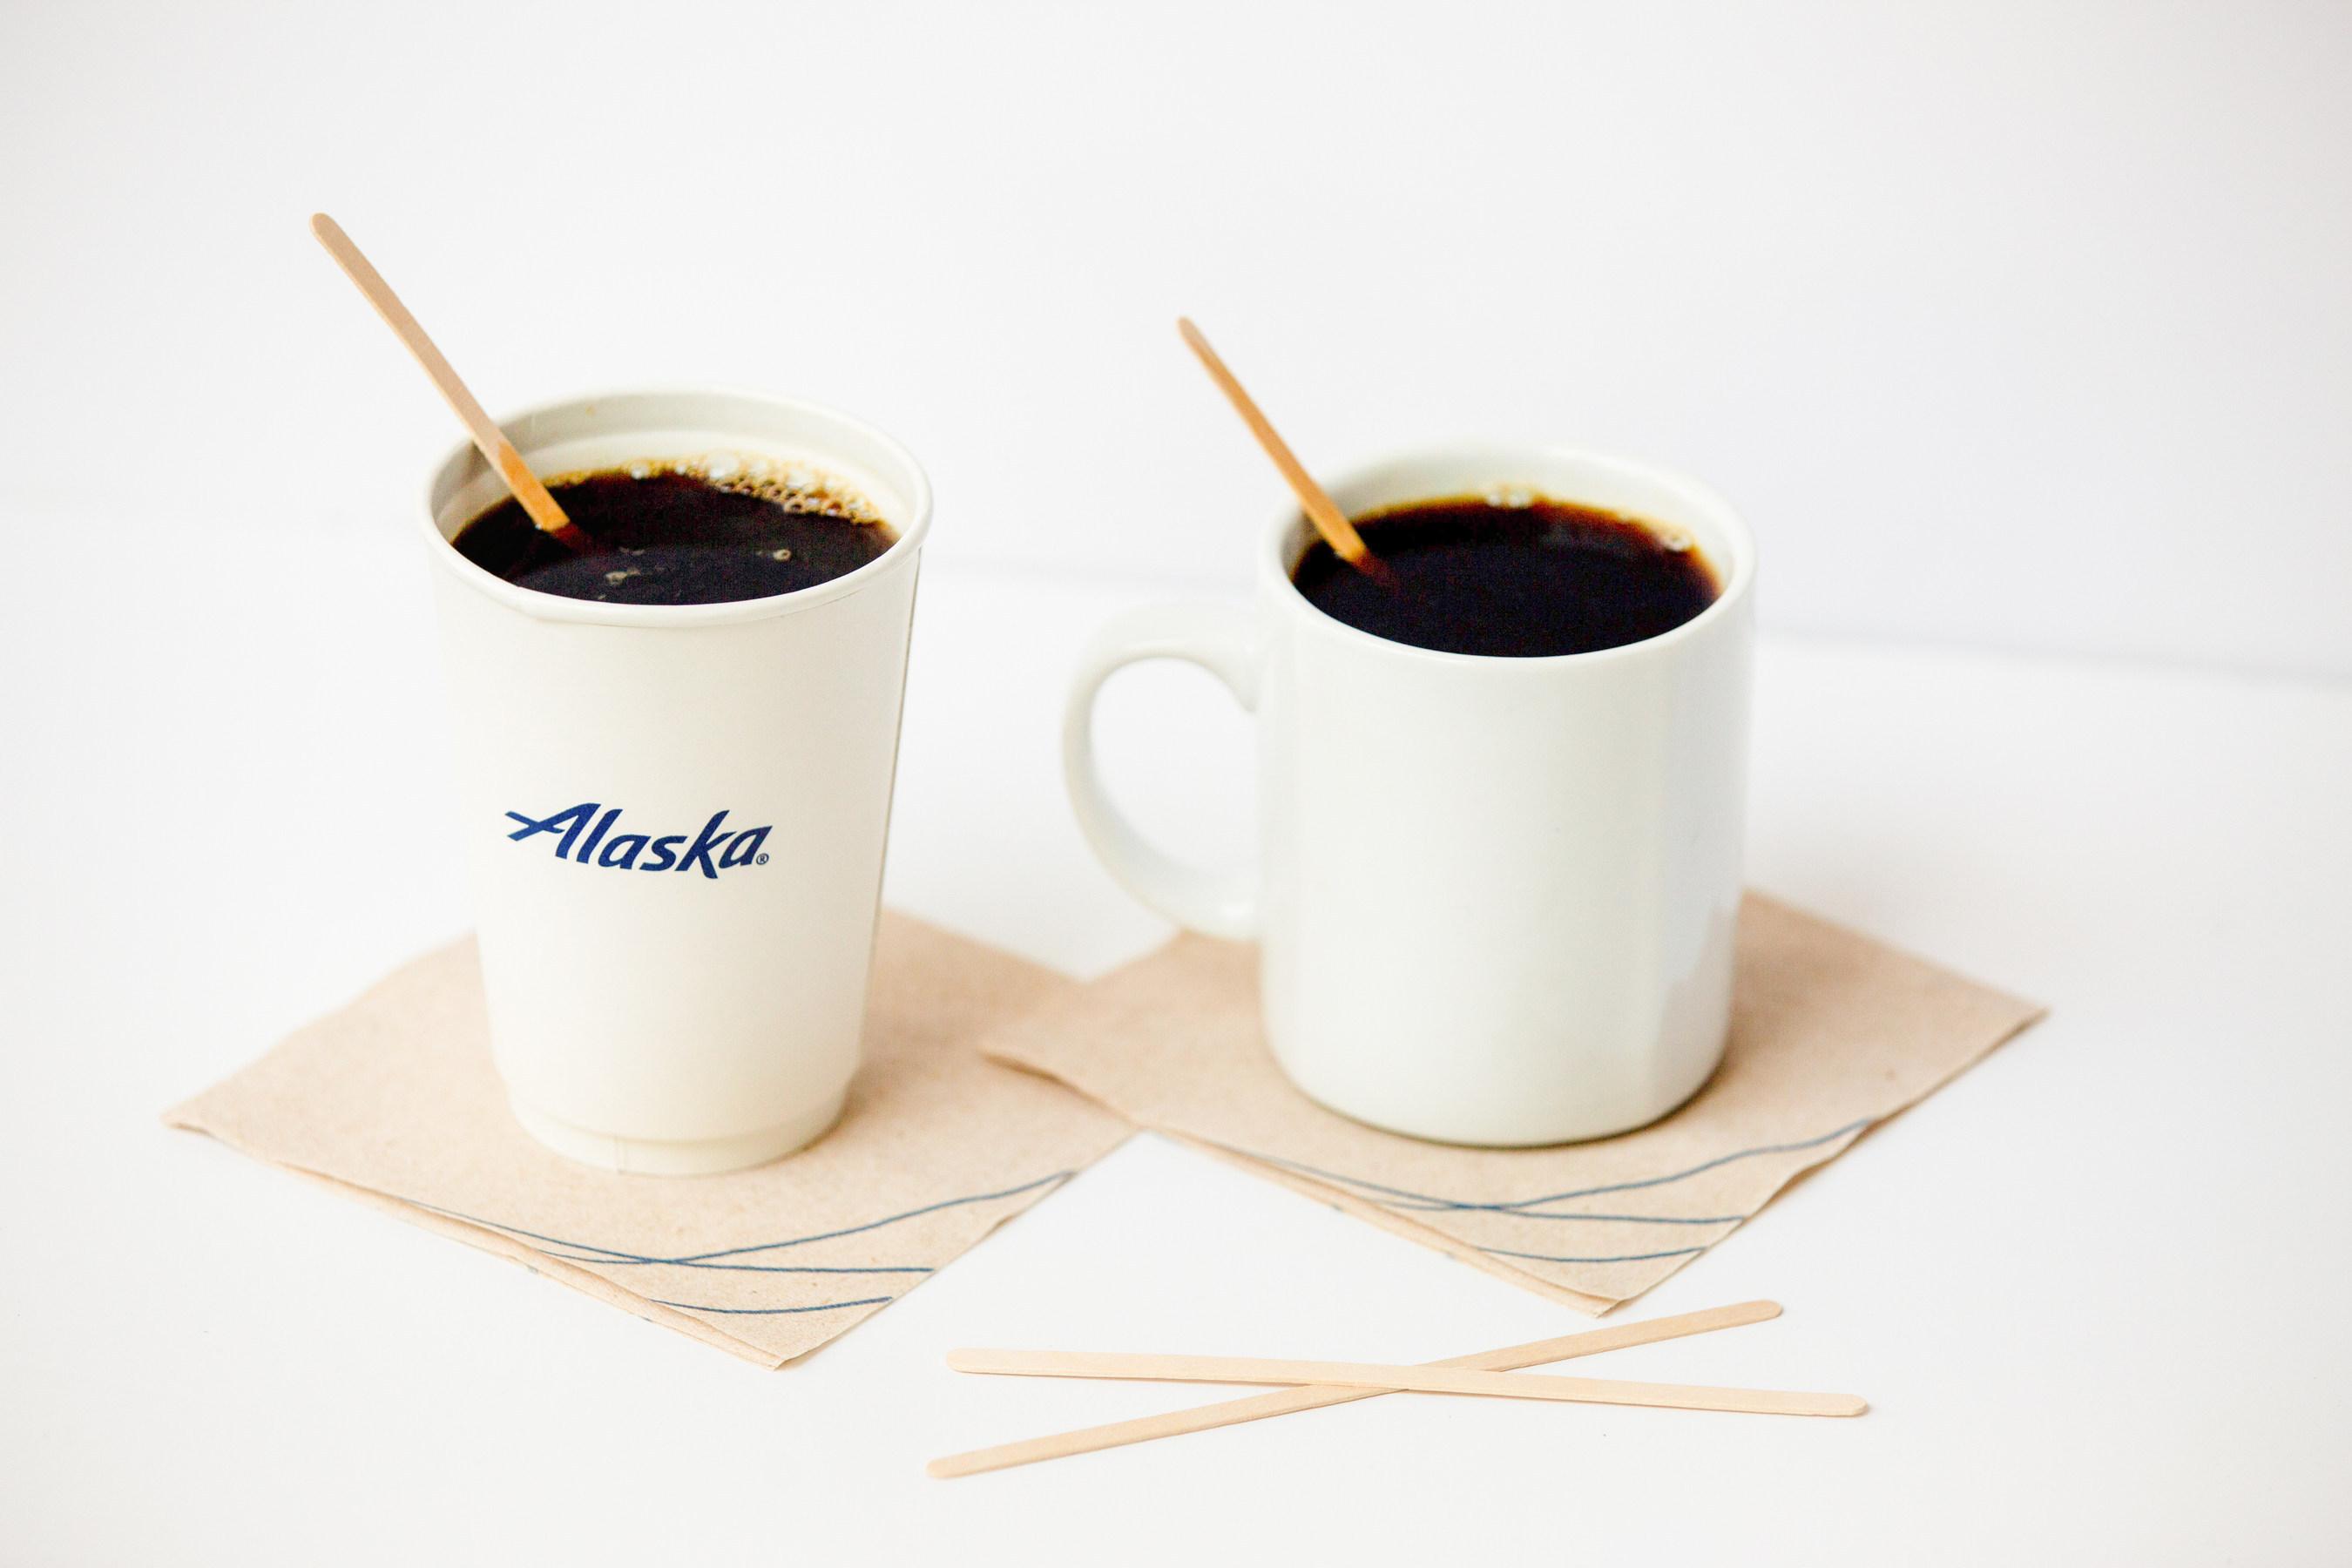 Alaska Airlines vil nedbringe mængden af brug af plastik på sine fly og i stedet kun anvende drinkspinde lavet af bæredygtigt træ. Foto: Alaska Airlines.